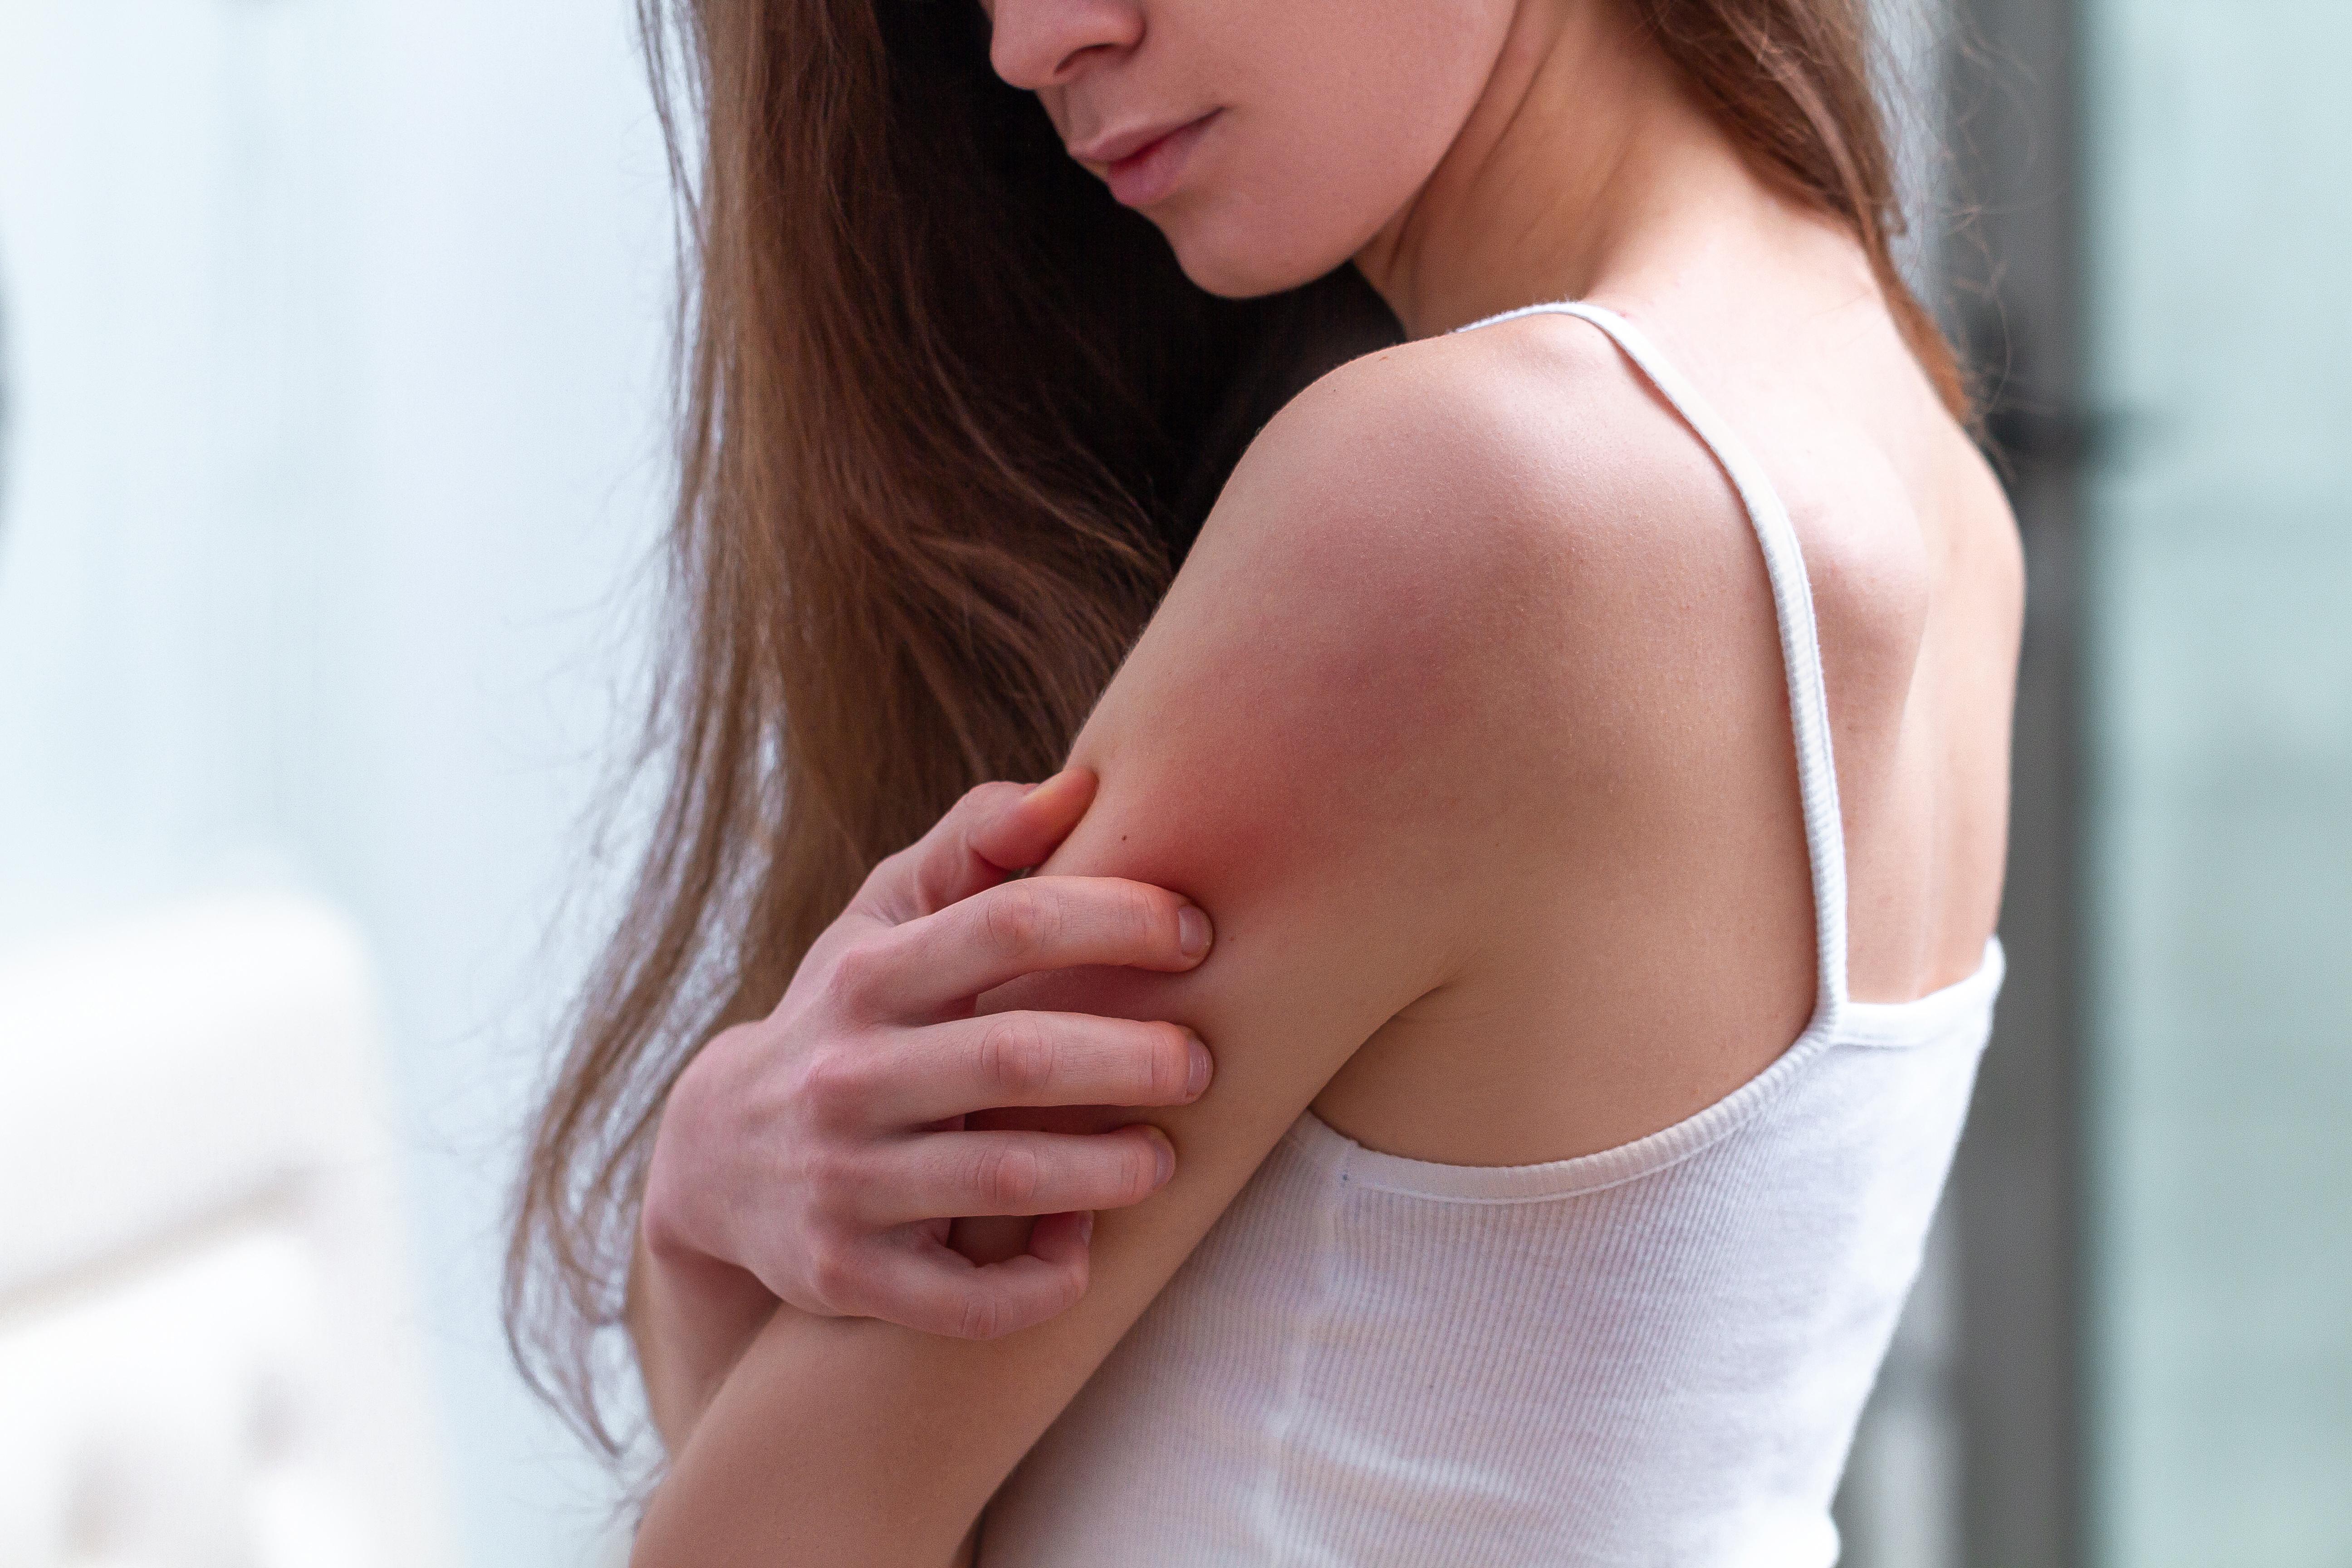 Ce manifestări cutanate pot apărea în boala COVID 19 și care este durata lor